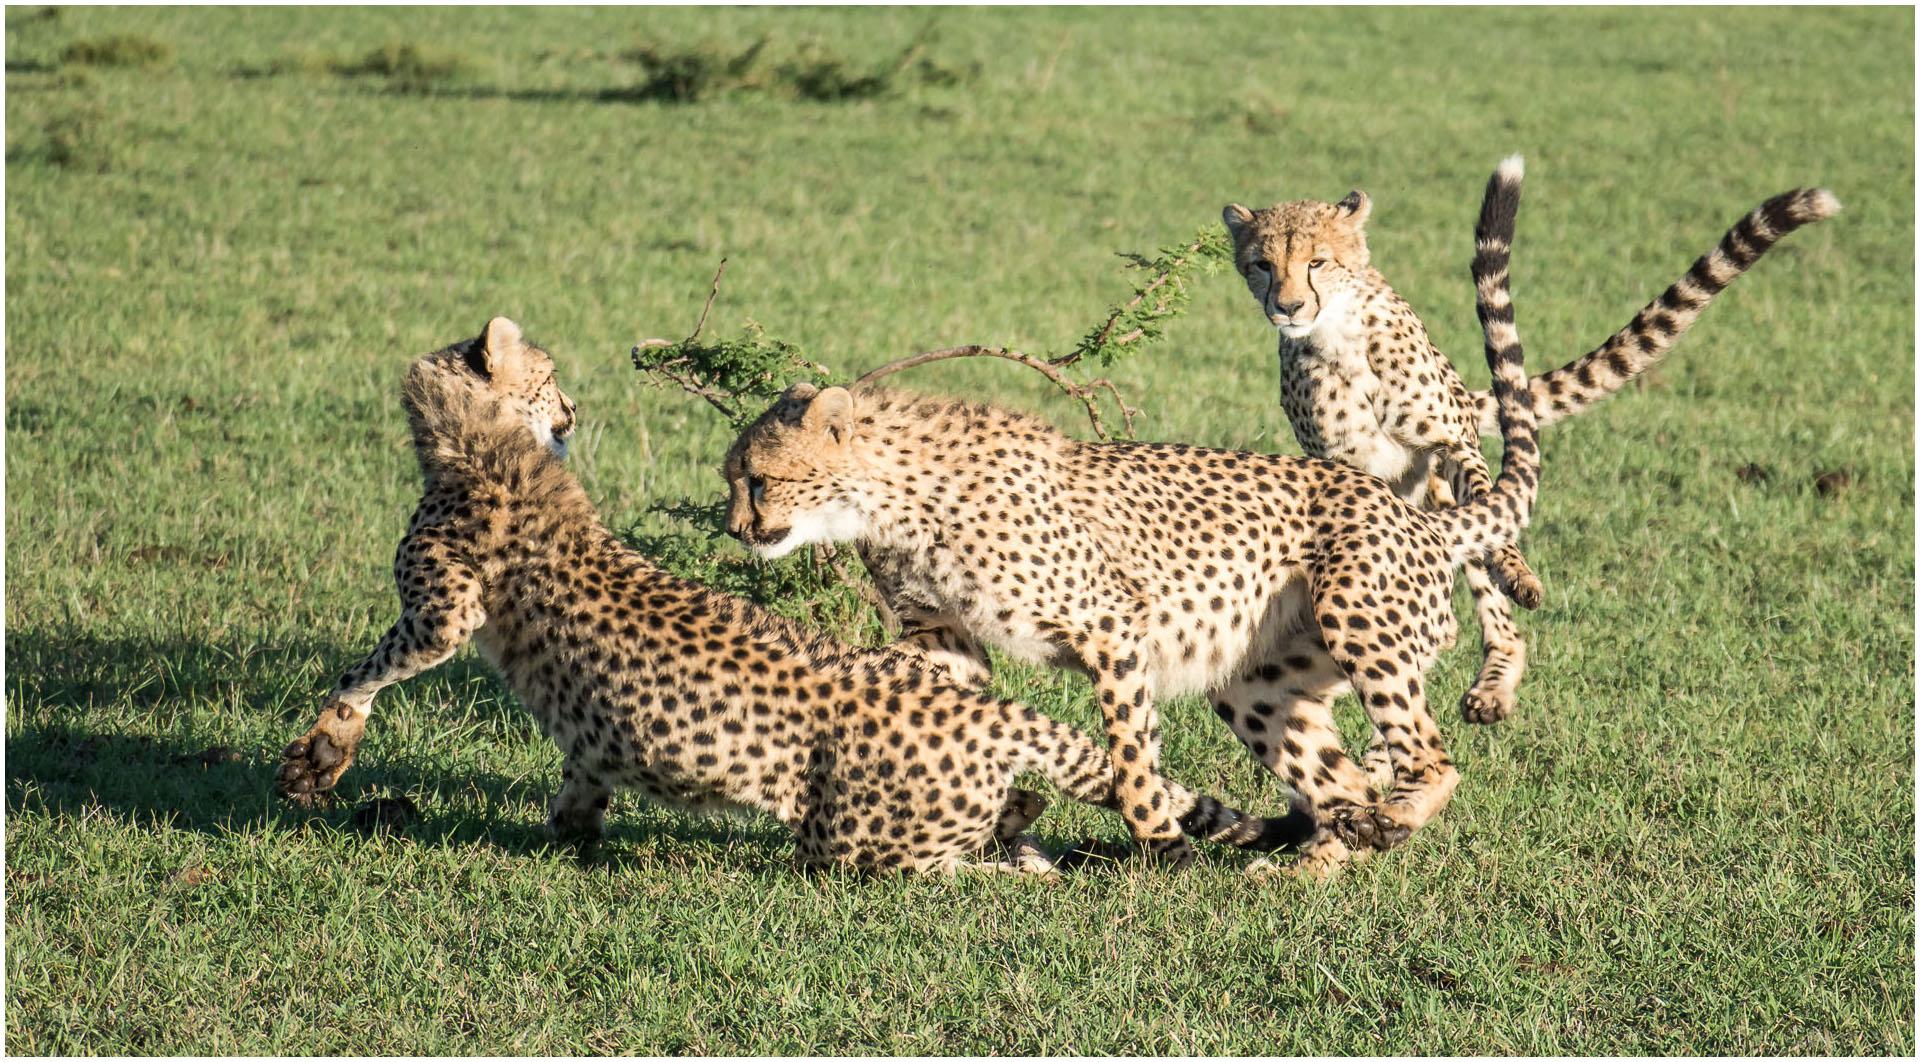 DO_Cheetahs at play_Gillian Robertson